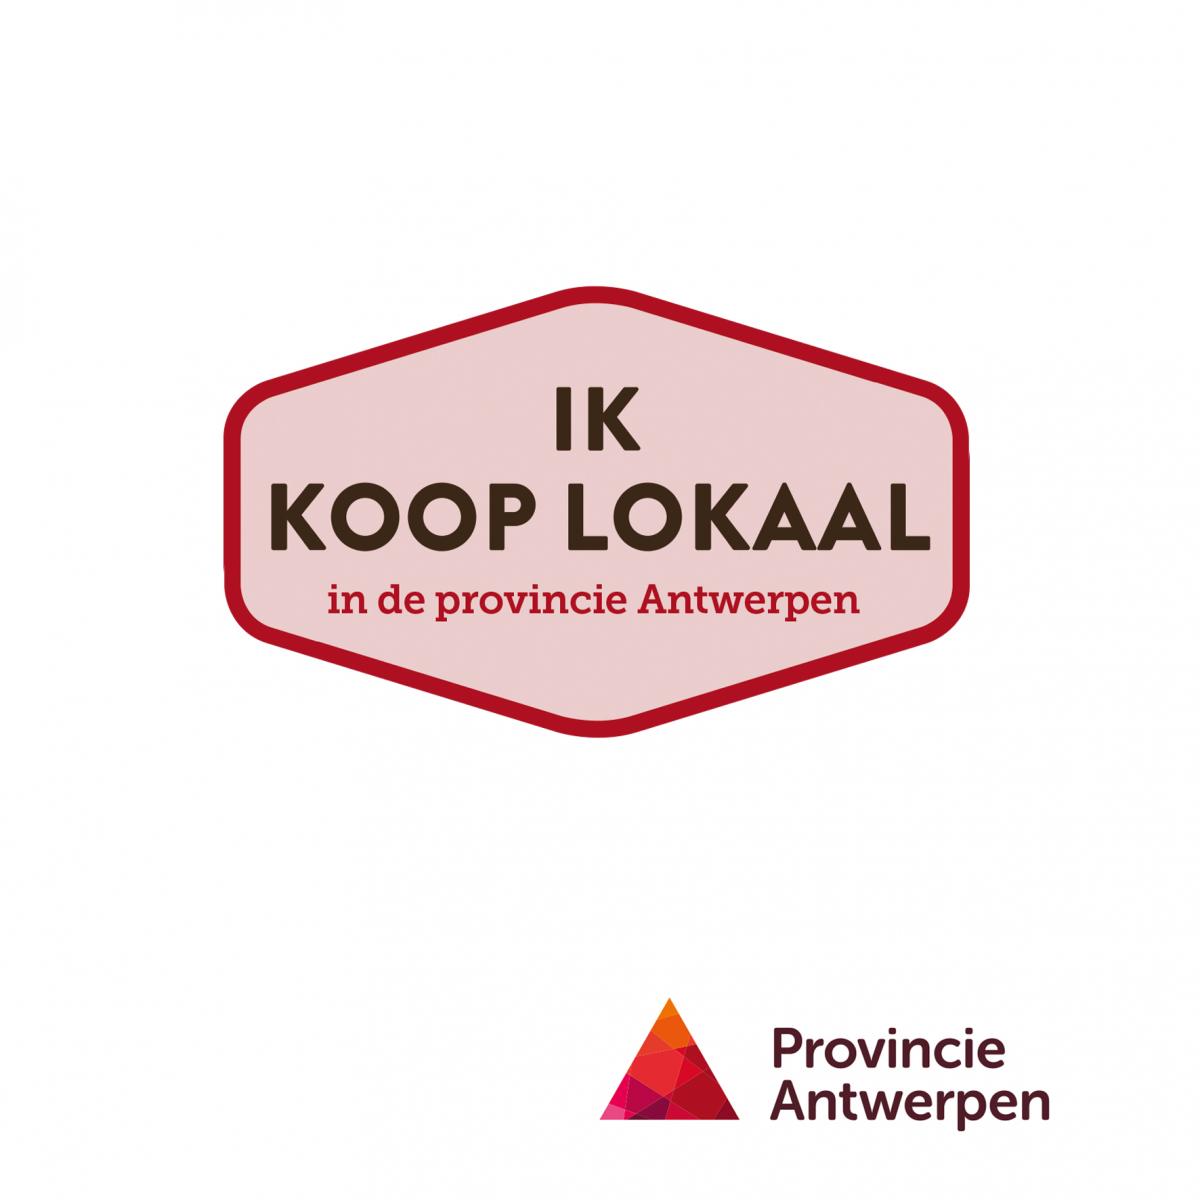 Verspreid De Boodschap Koop Lokaal Ik Koop Lokaal In De Provincie Antwerpen